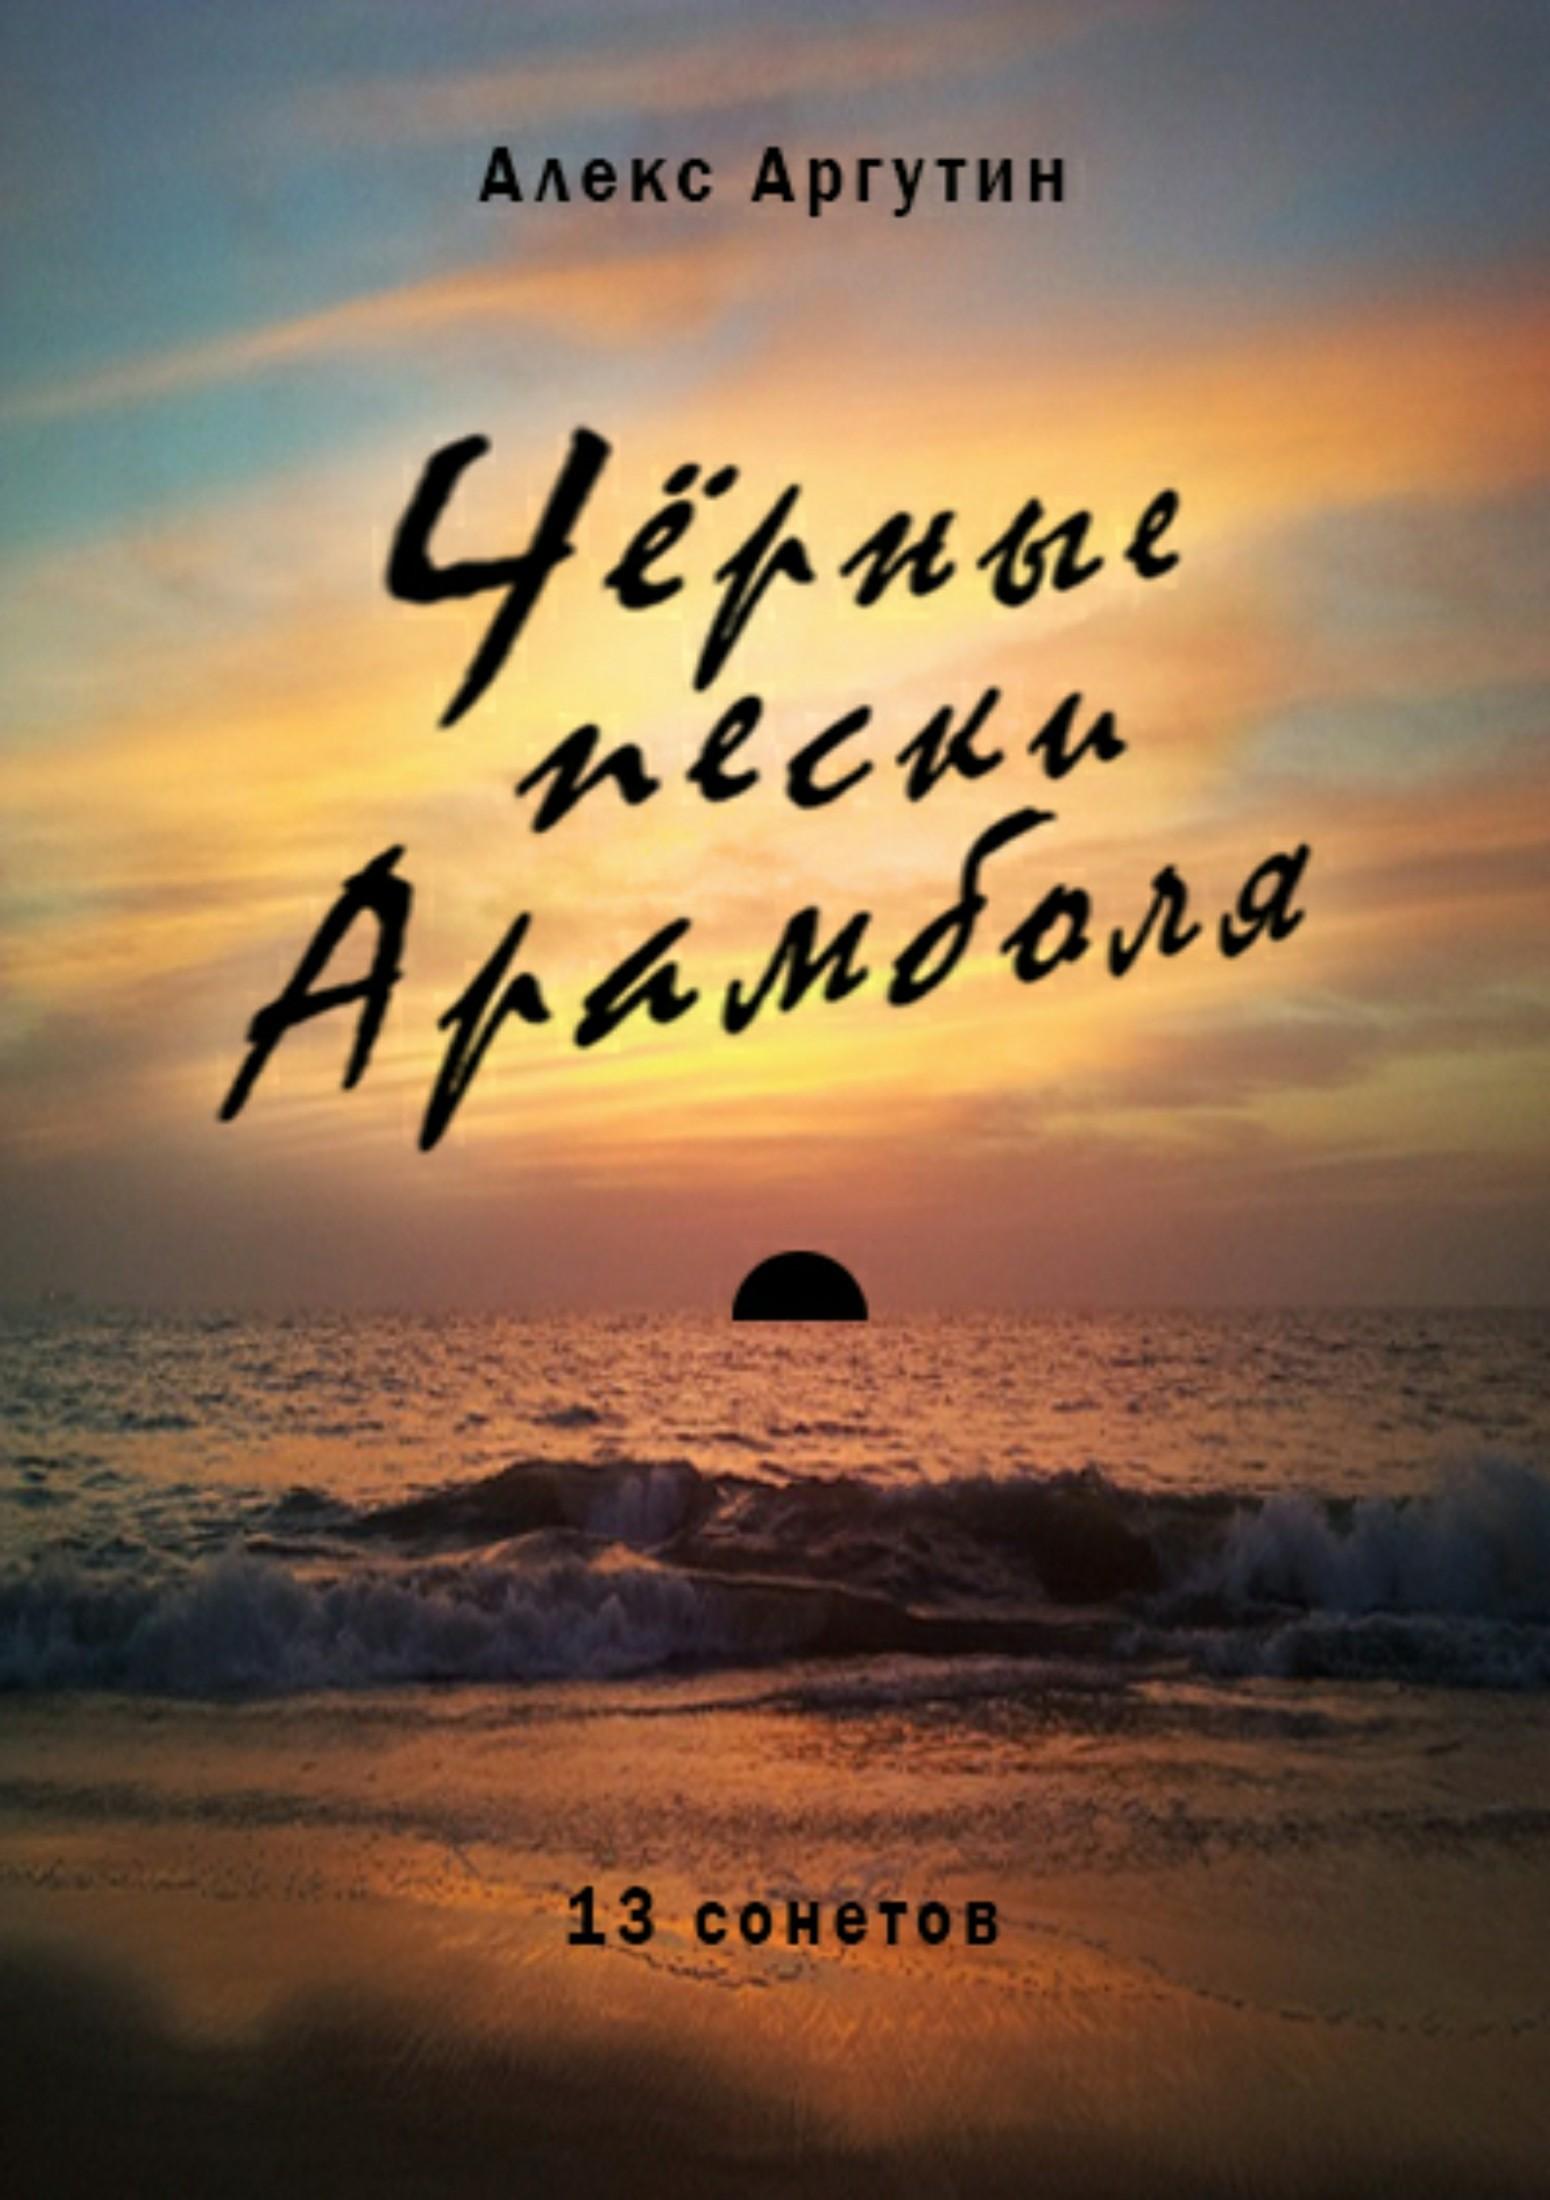 Алекс Аргутин Черные пески Арамболя